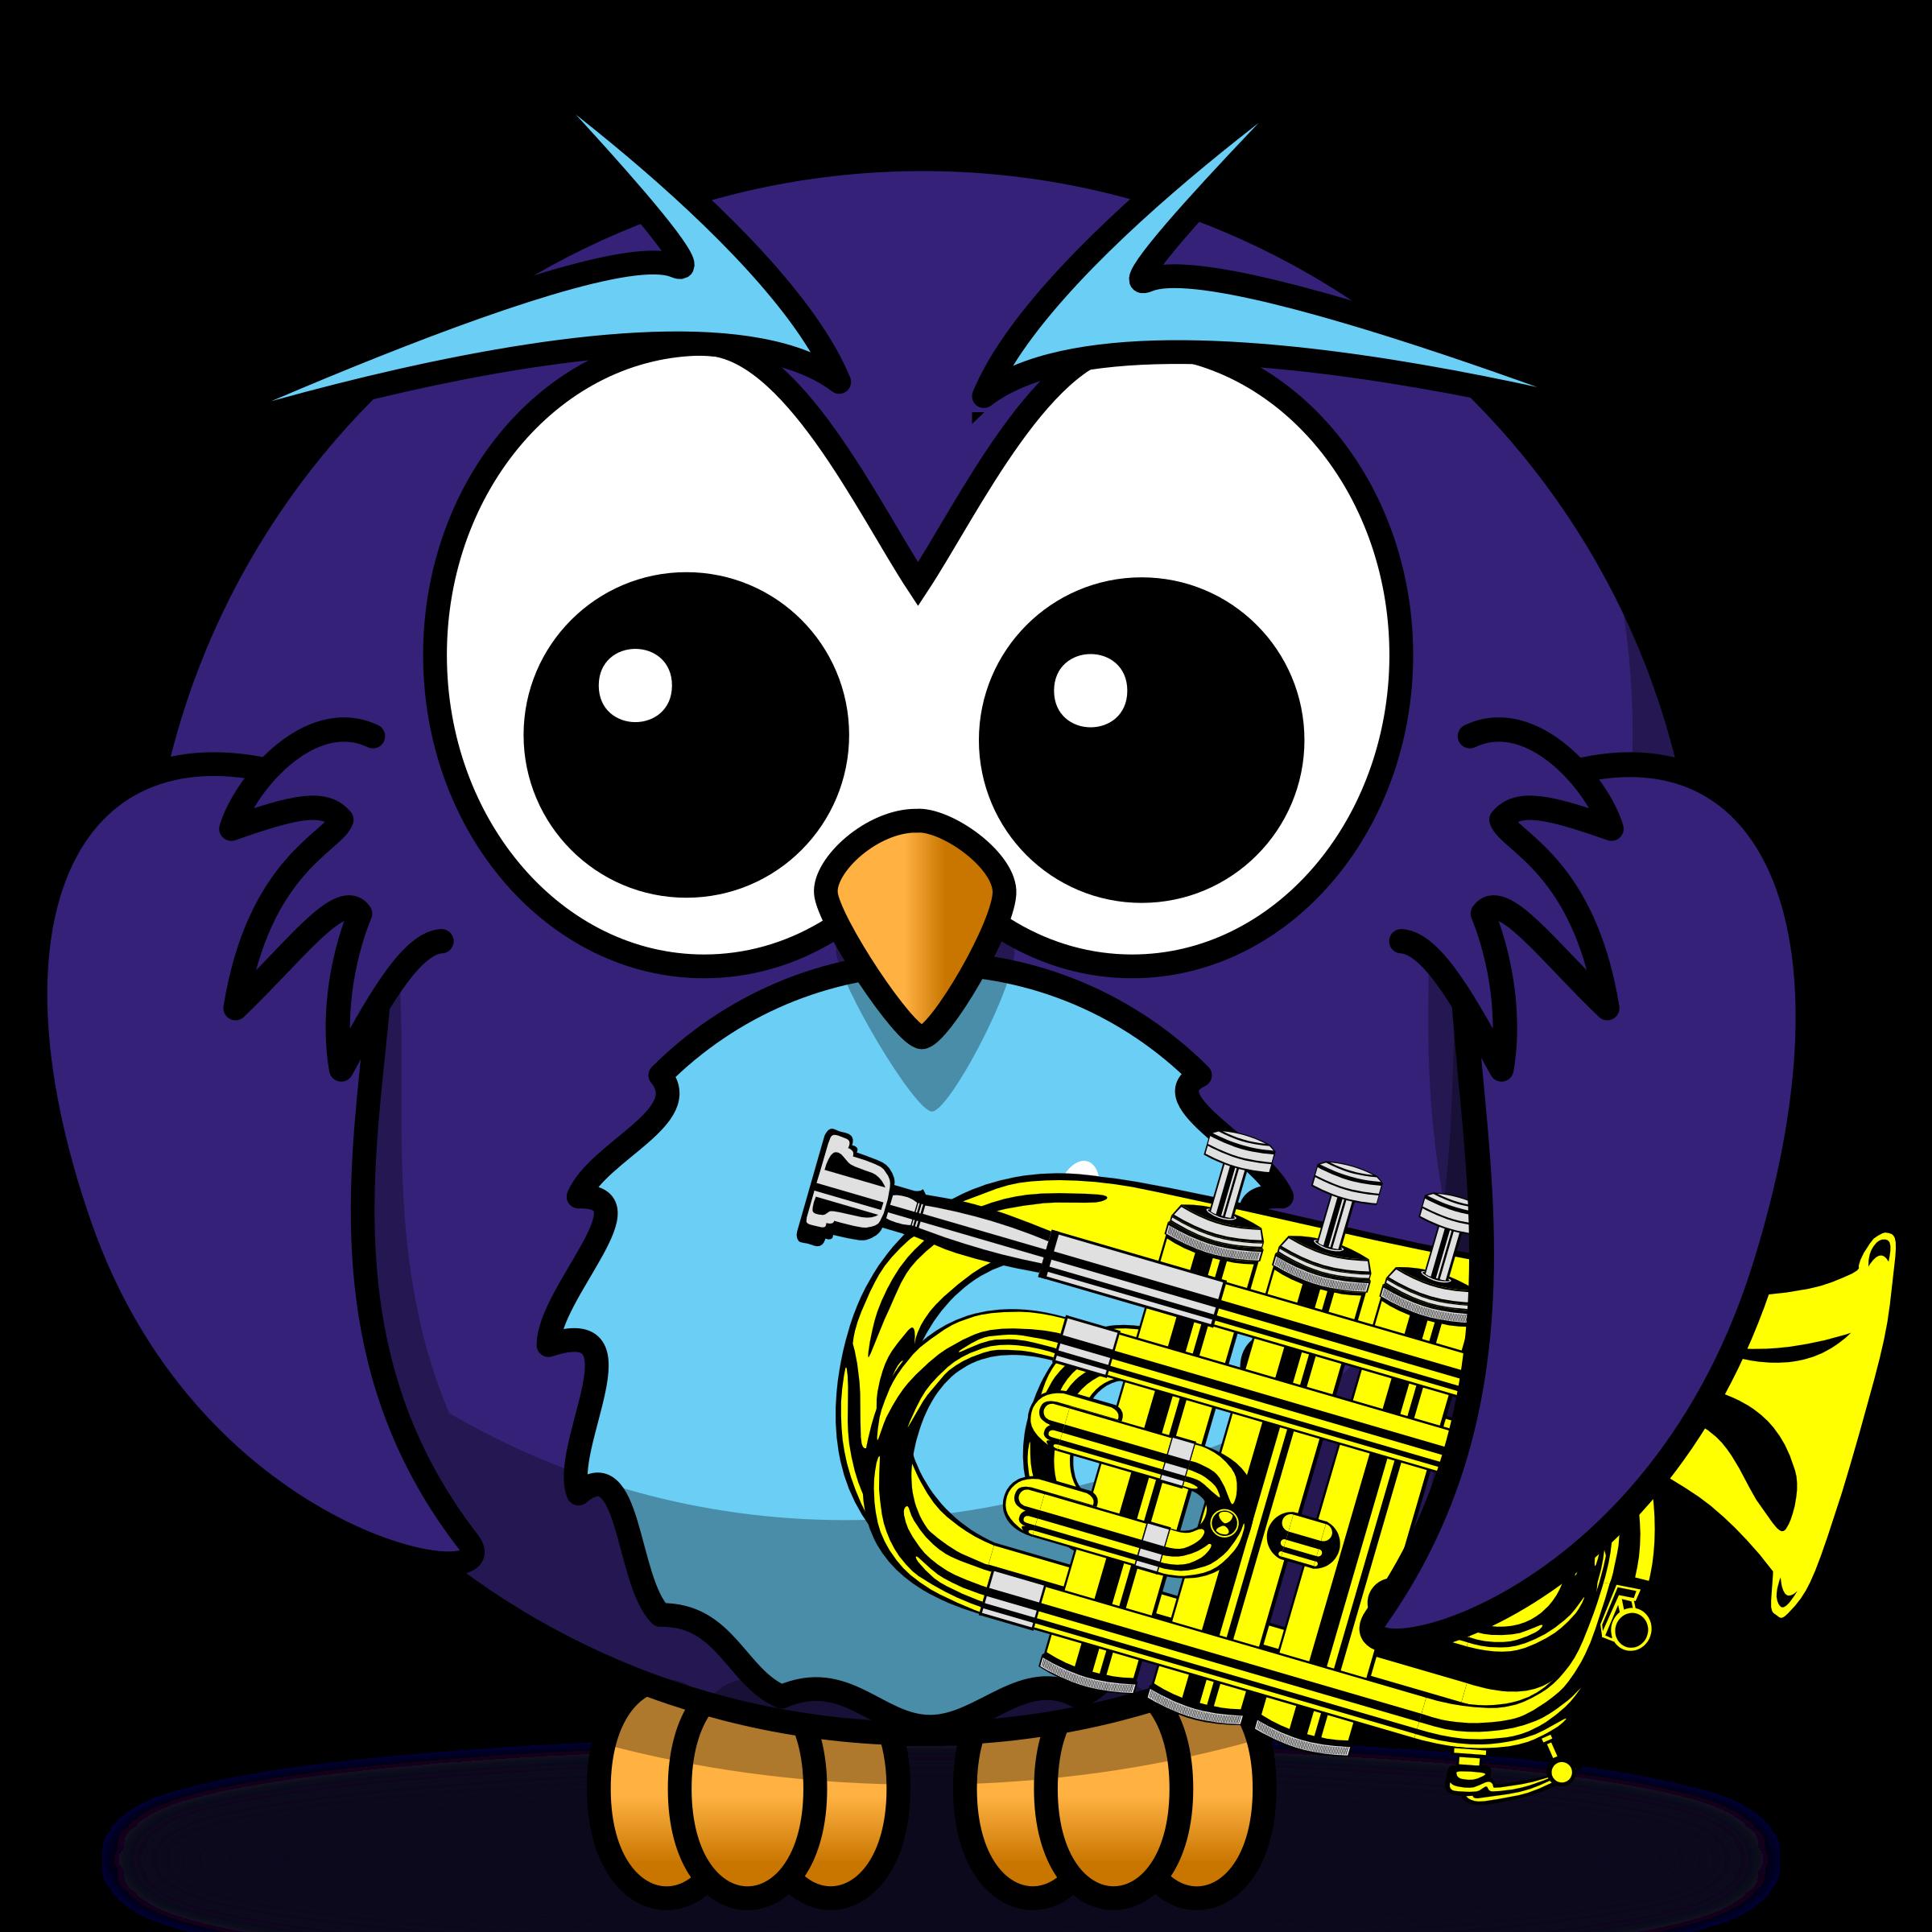 clipart little owl blues